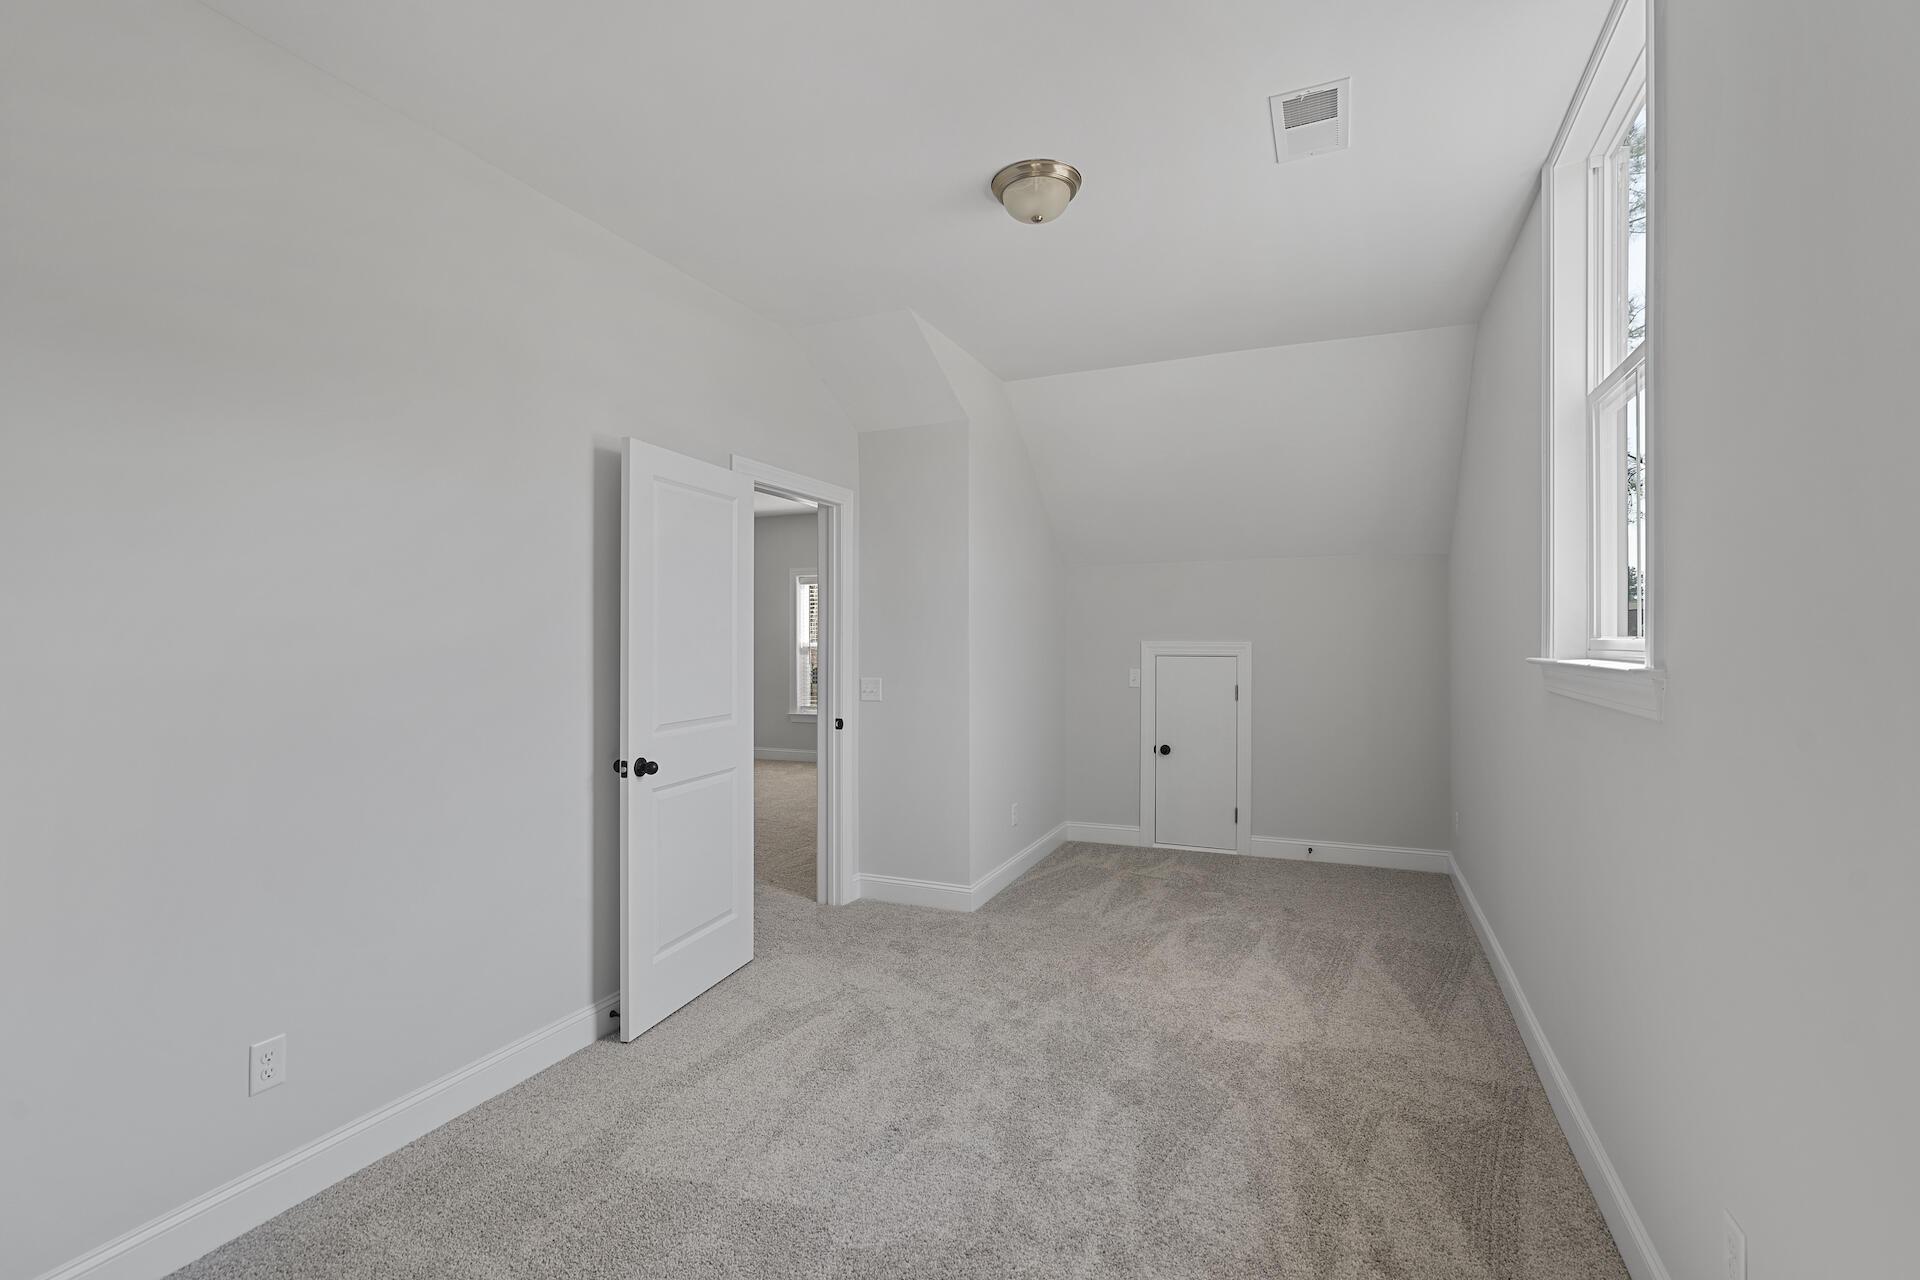 Park West Homes For Sale - 1504 Hopkins, Mount Pleasant, SC - 24